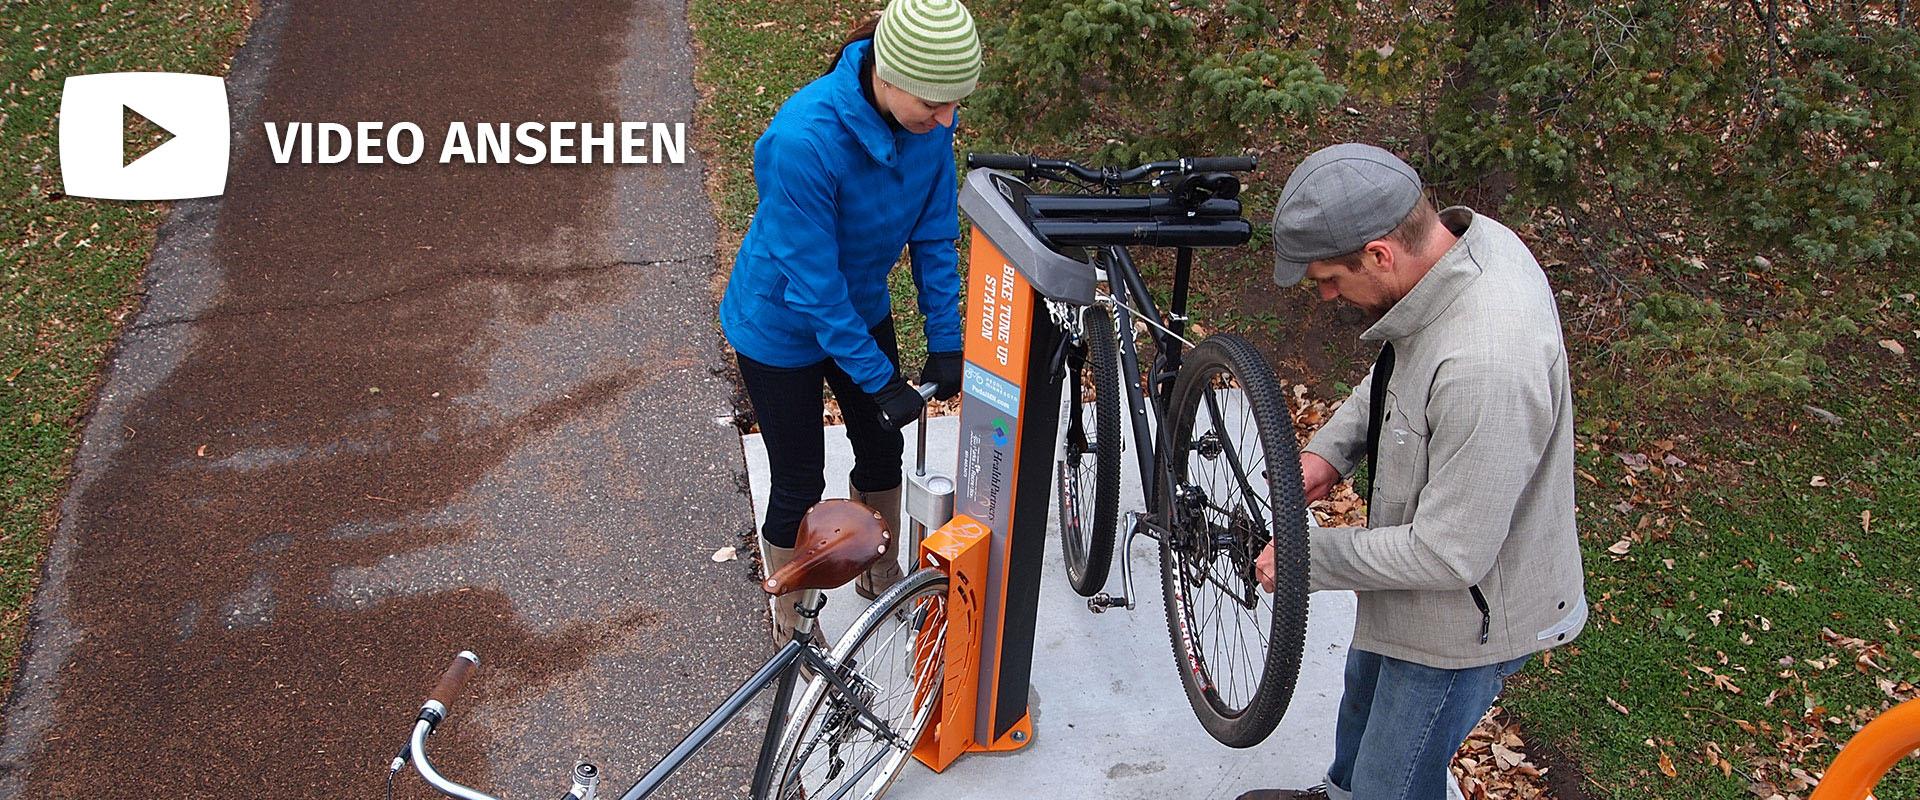 Bild von MADU Bike Repair Station